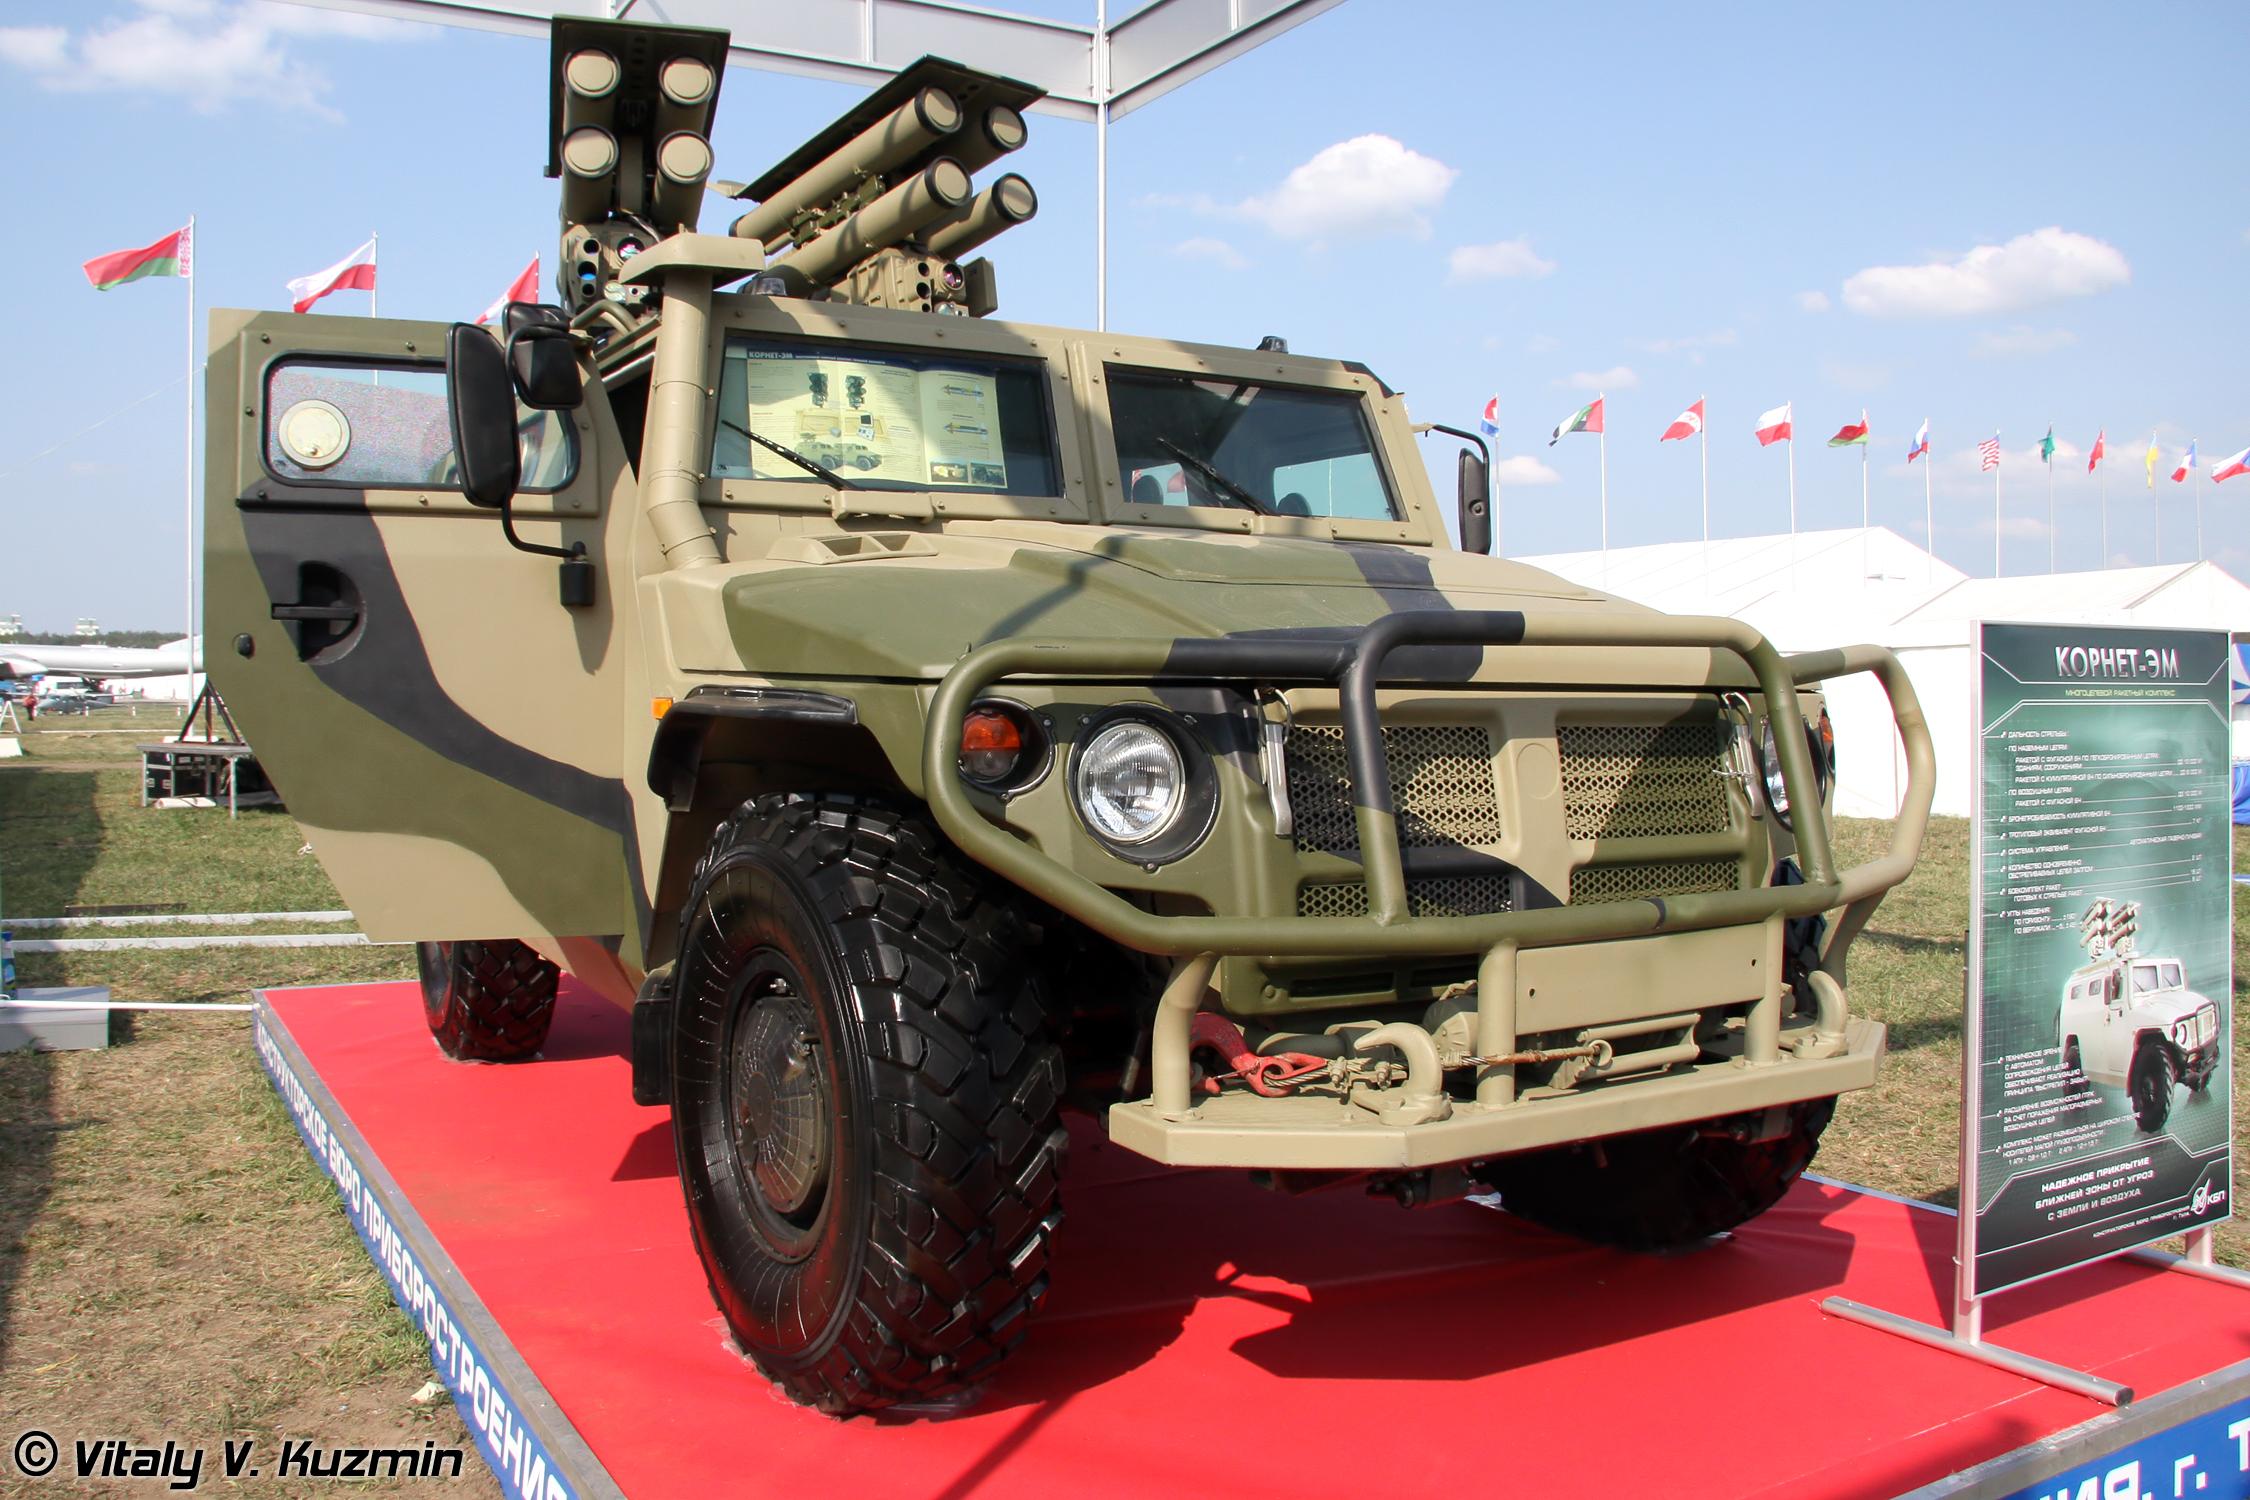 التصنيع العسكري العربي  - صفحة 2 Part567